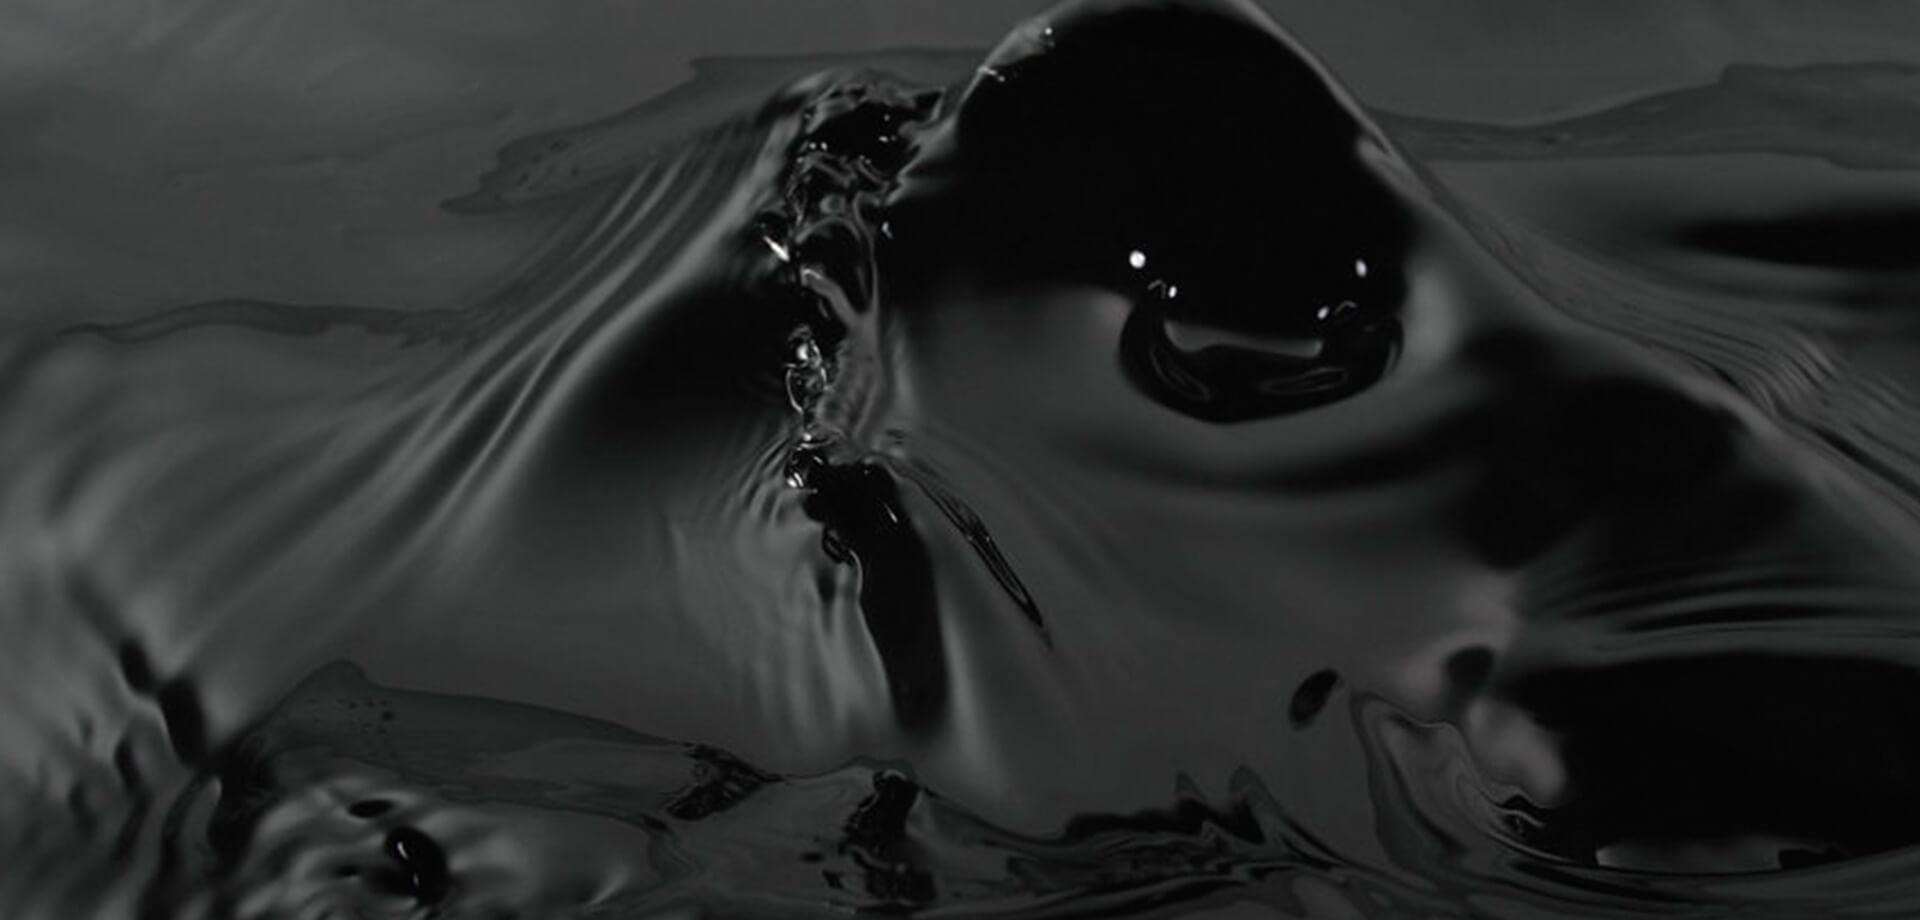 ماده ی تاریک - زندگی تاریک - تاریکی